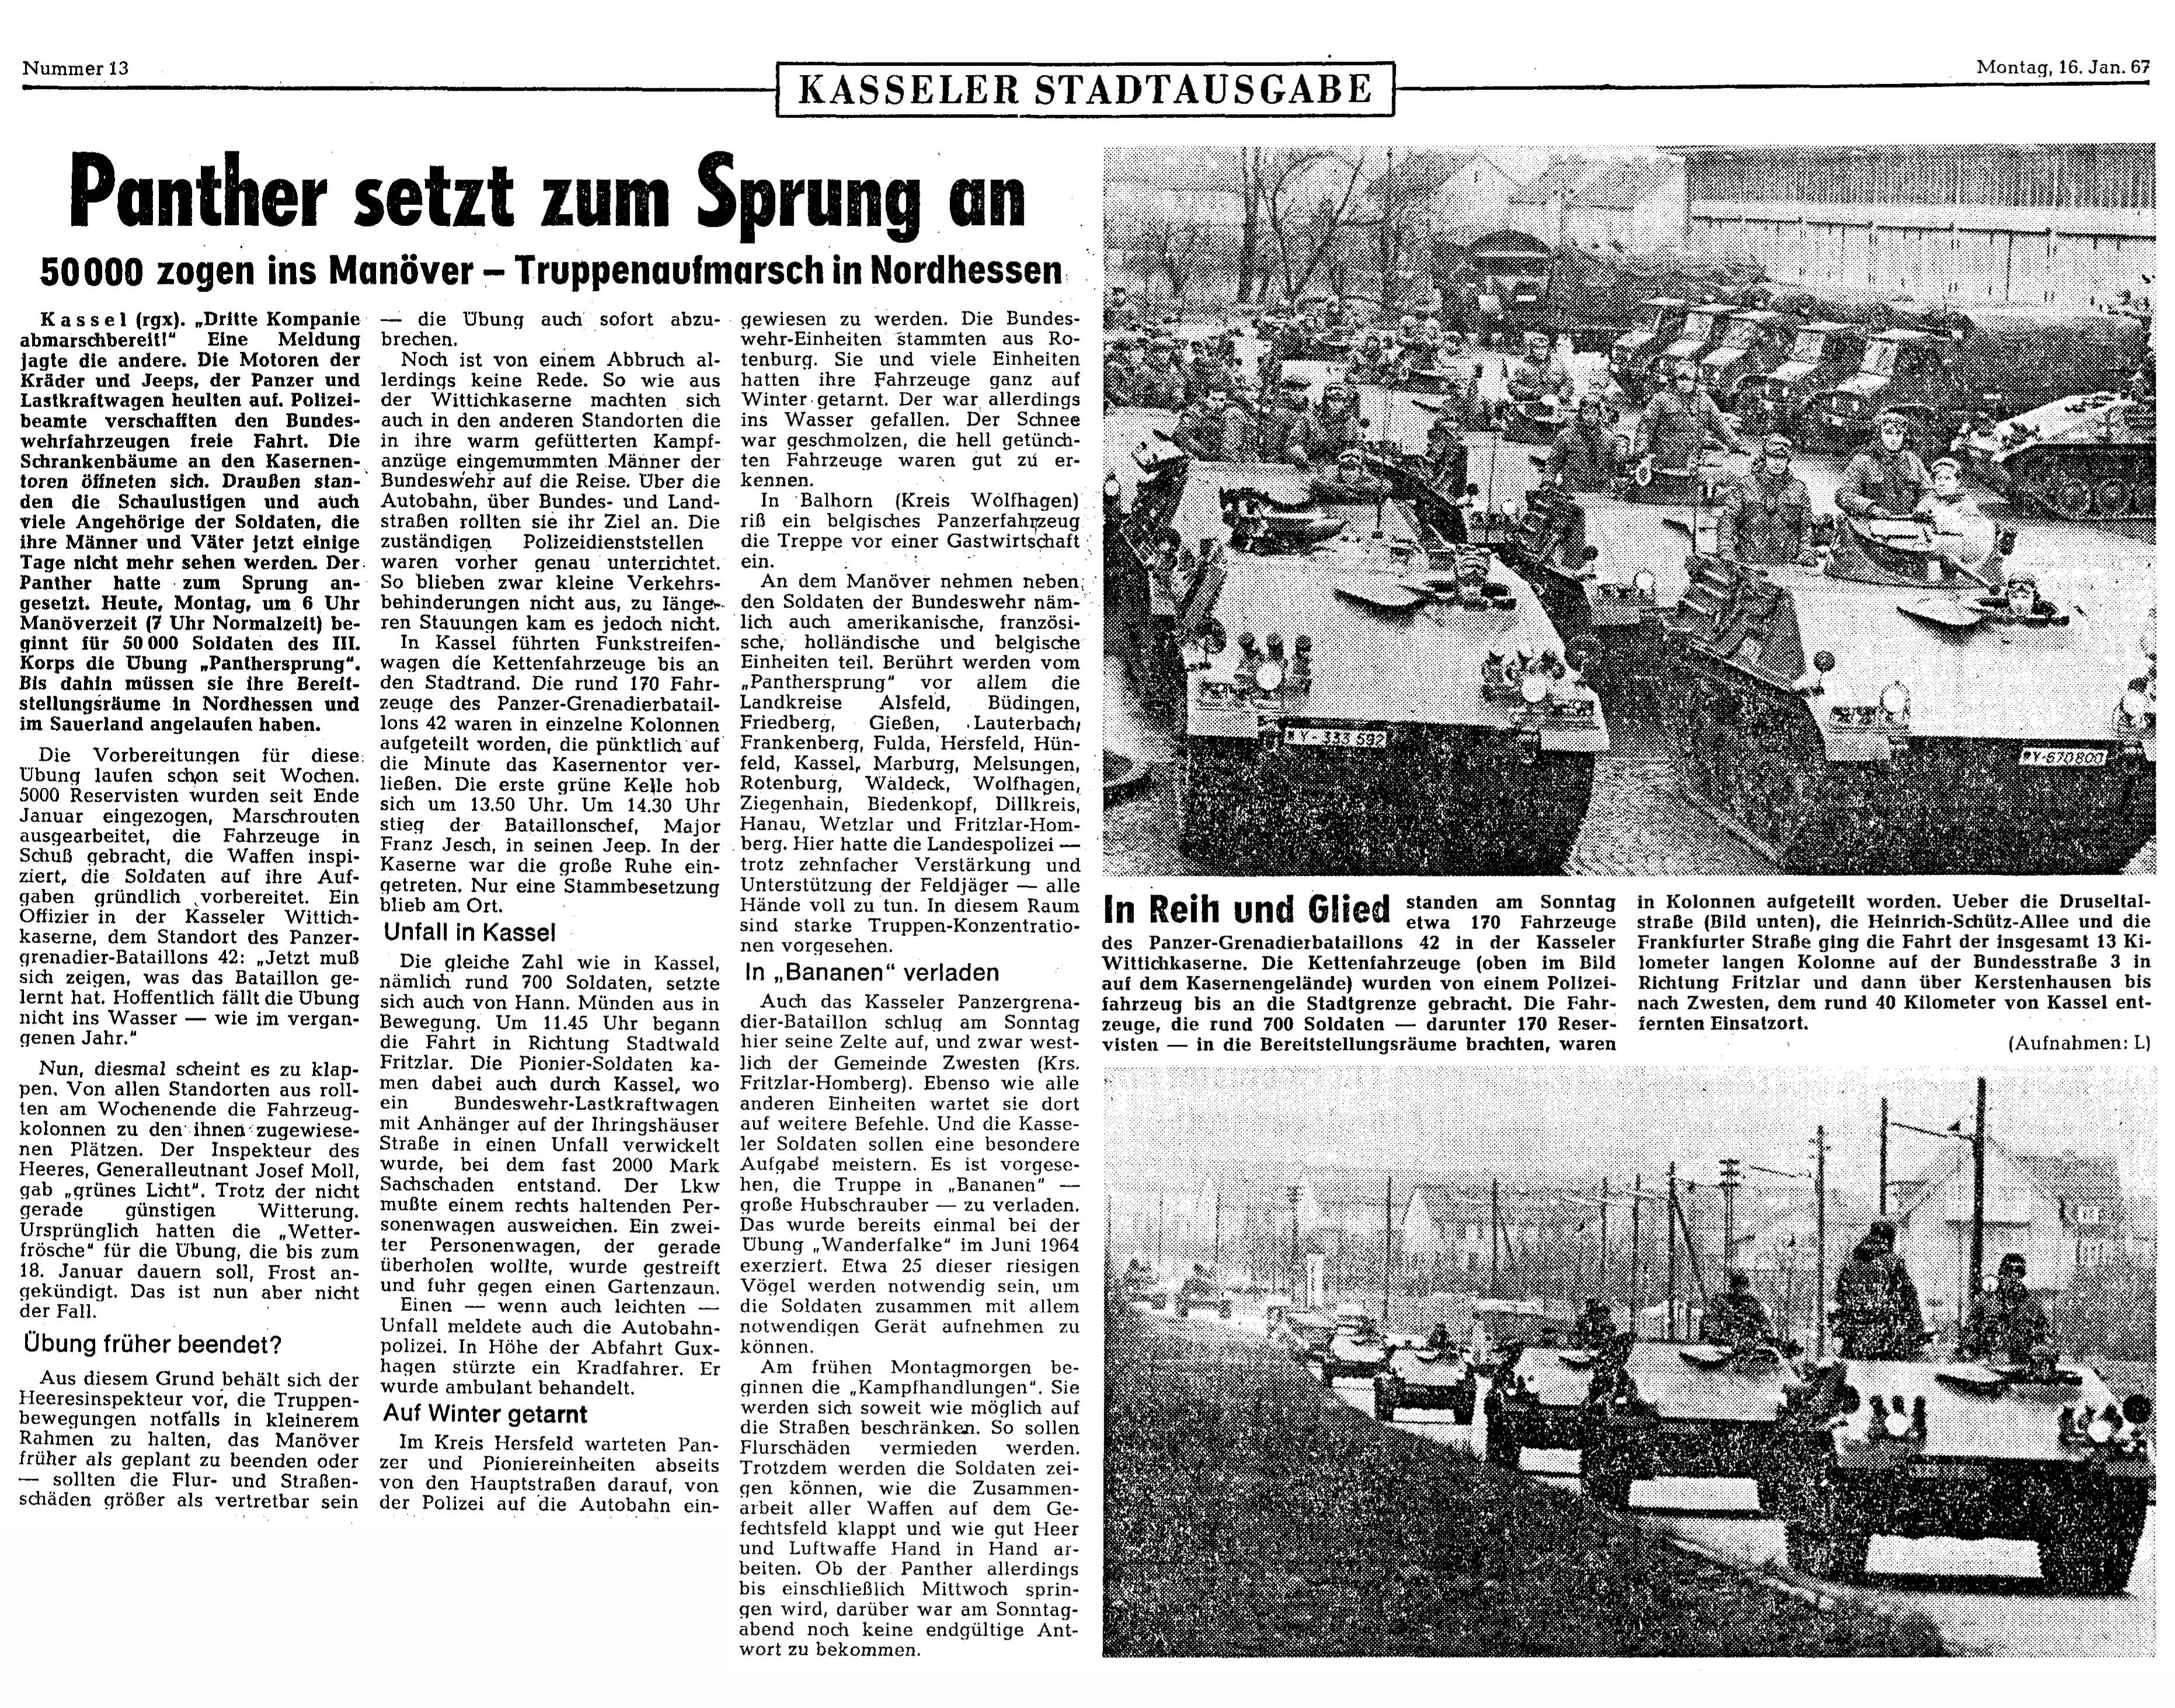 Panthersprung HNA 16.01 1967.jpg